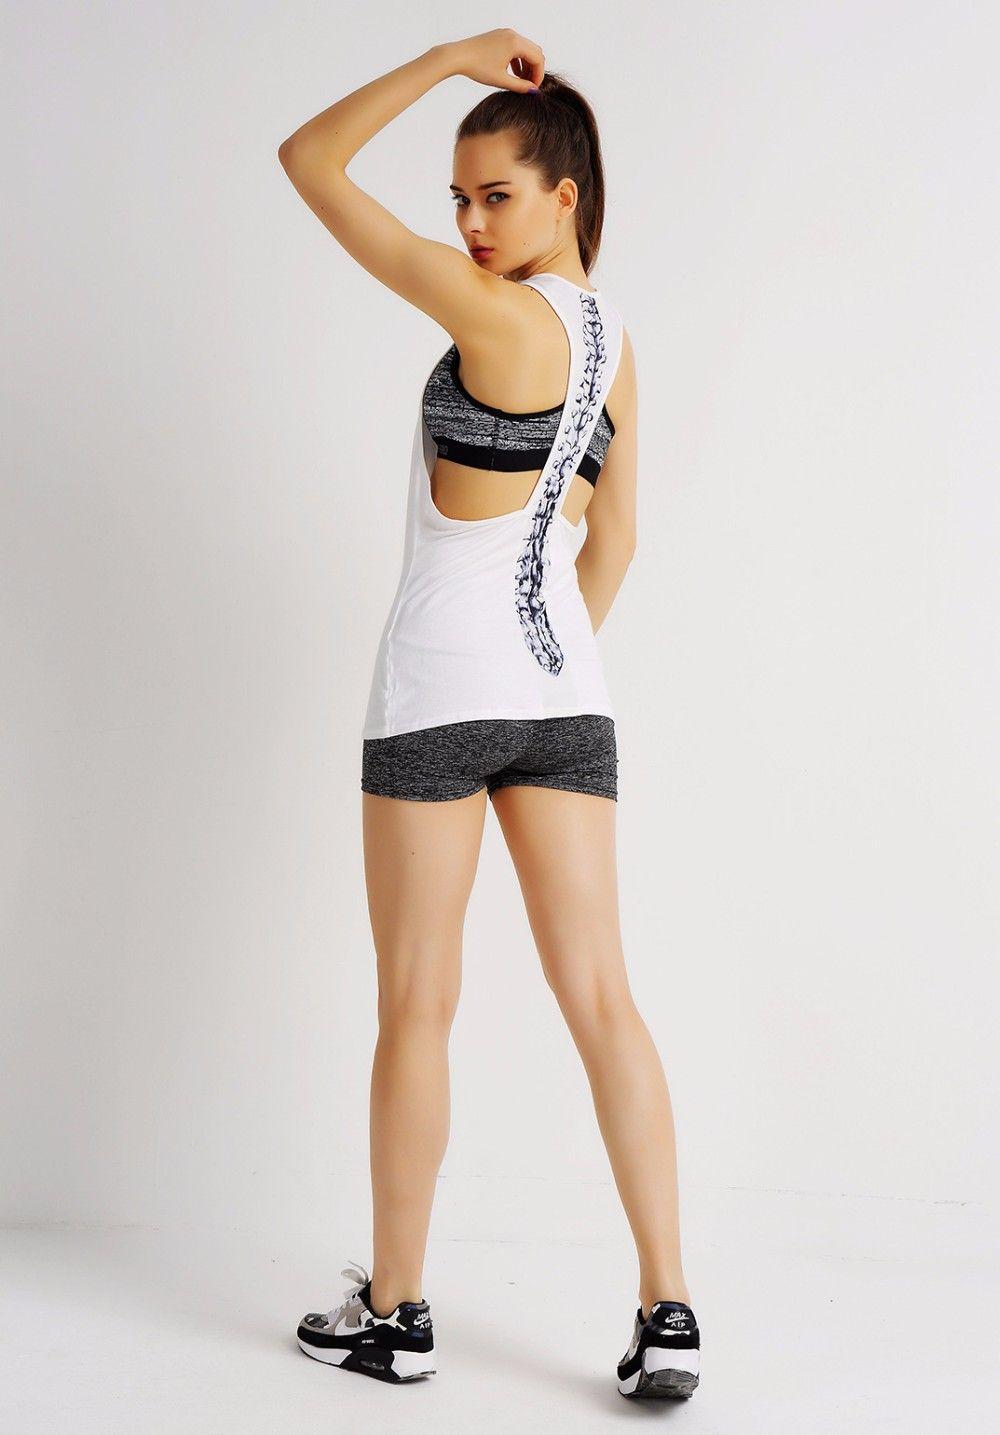 68954b4e7be Ropa de Yoga para mujer Camisa de la Yoga Sexy Back Top Gimnasio Jogging  Running Top Mujer Ropa de Yoga Deportivo de Fitness Chaleco Femenino G 020  en de en ...